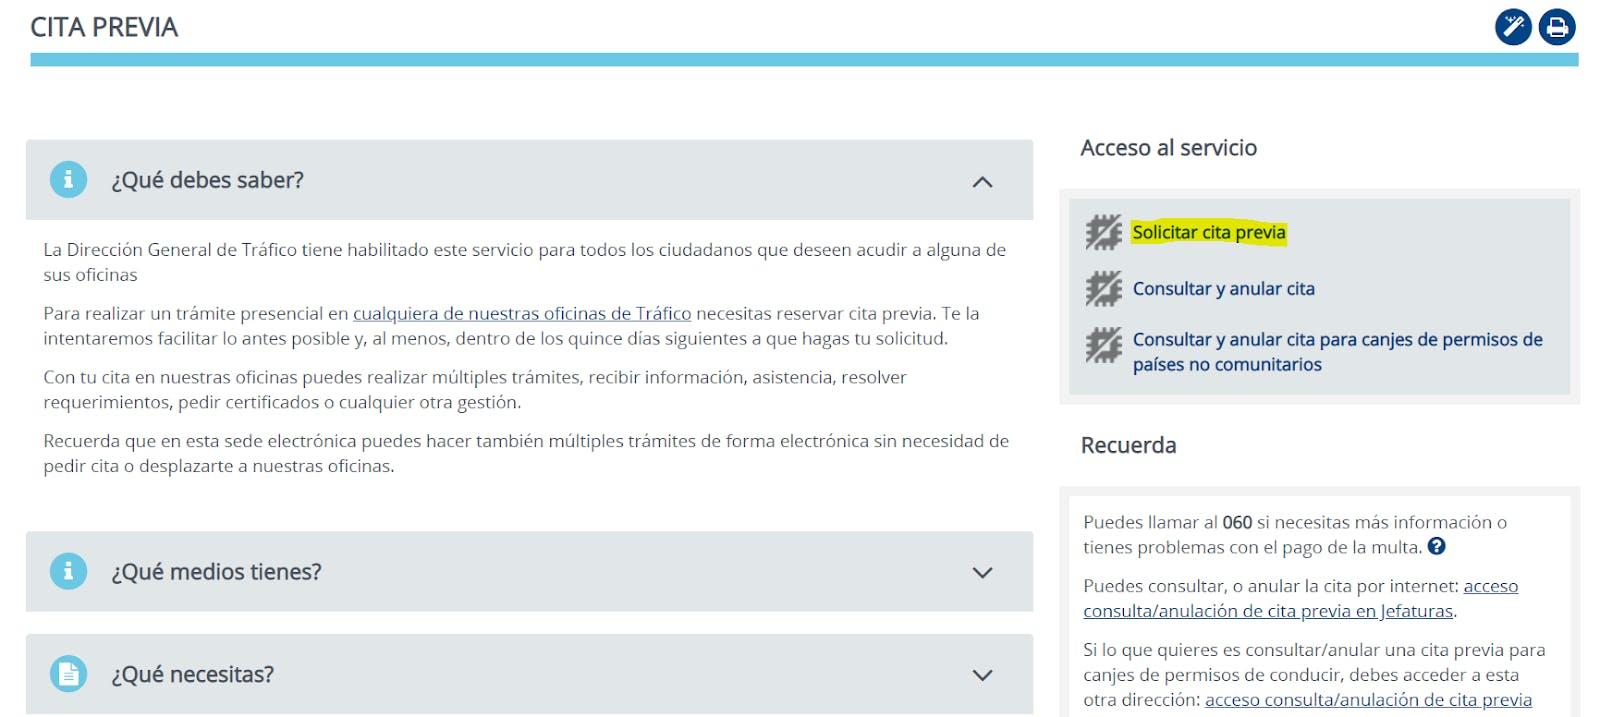 Página web de la DGT